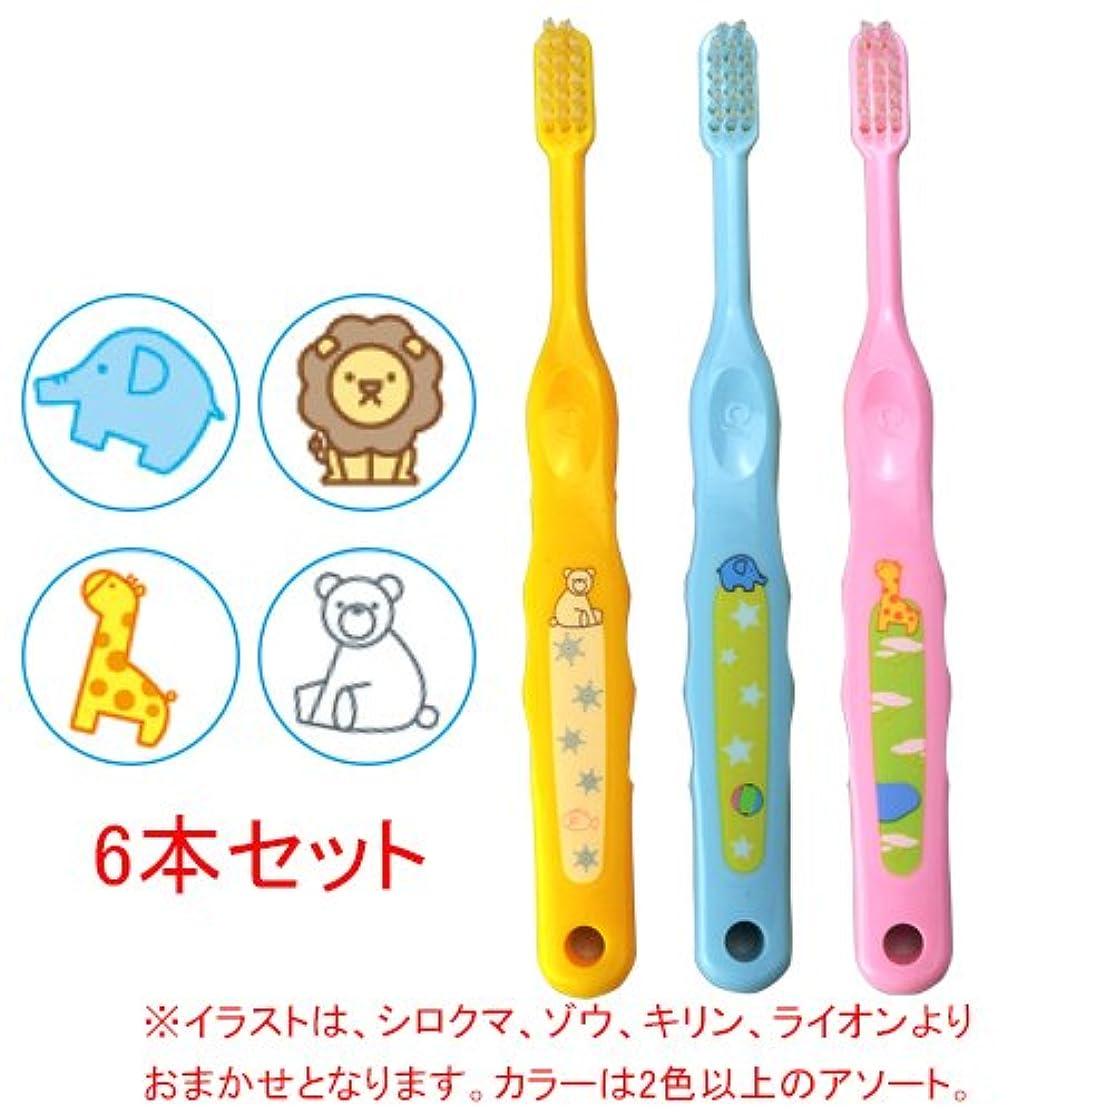 王子三番従者Ciメディカル Ci なまえ歯ブラシ 503 (やわらかめ) (乳児~小学生向)×6本